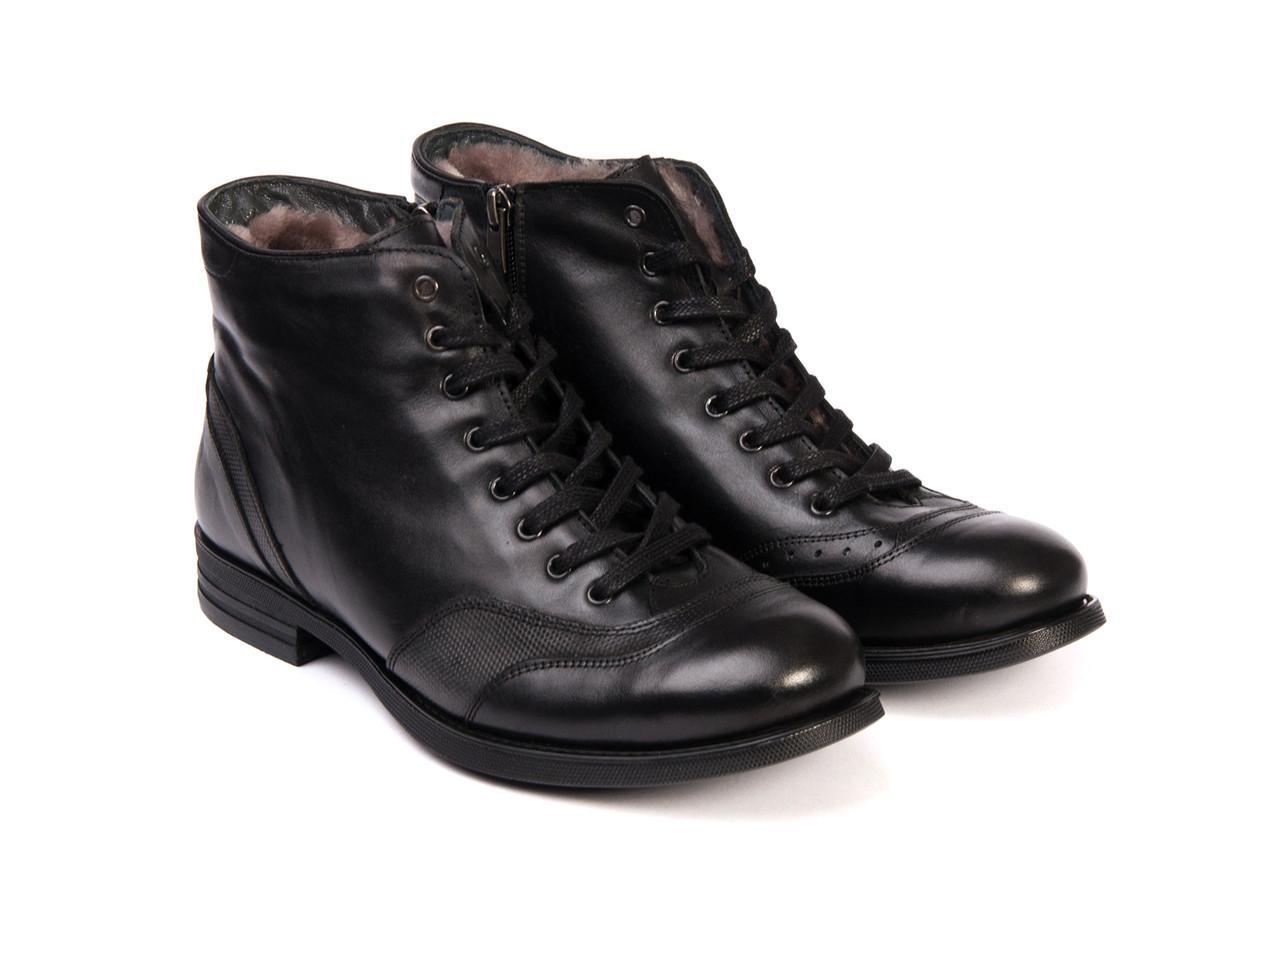 Ботинки Etor 8093-12808 черные